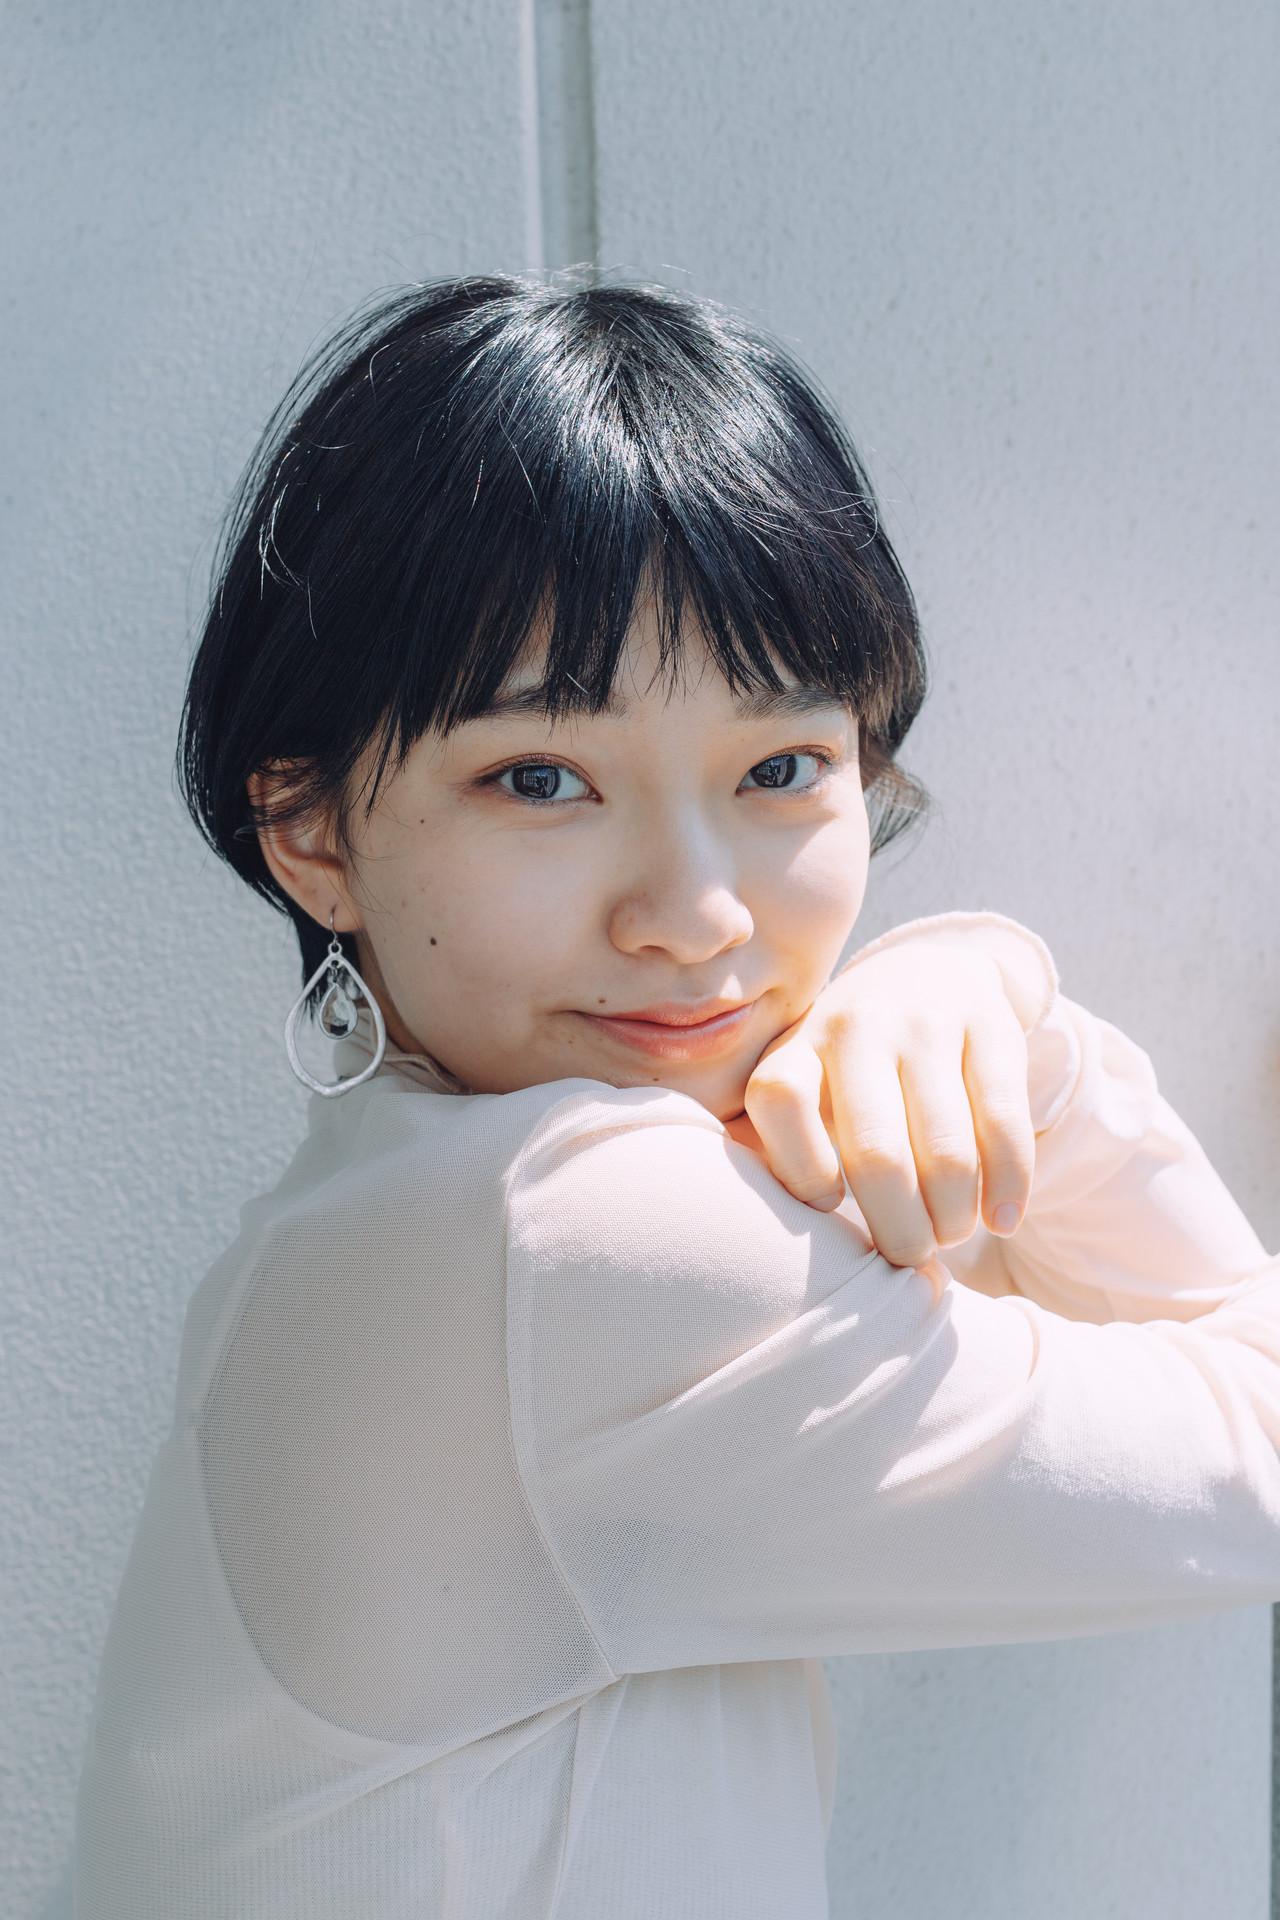 ナチュラル 小顔ショート ショートヘア ショートボブ ヘアスタイルや髪型の写真・画像 | 児玉善央 / GARDEN harajuku